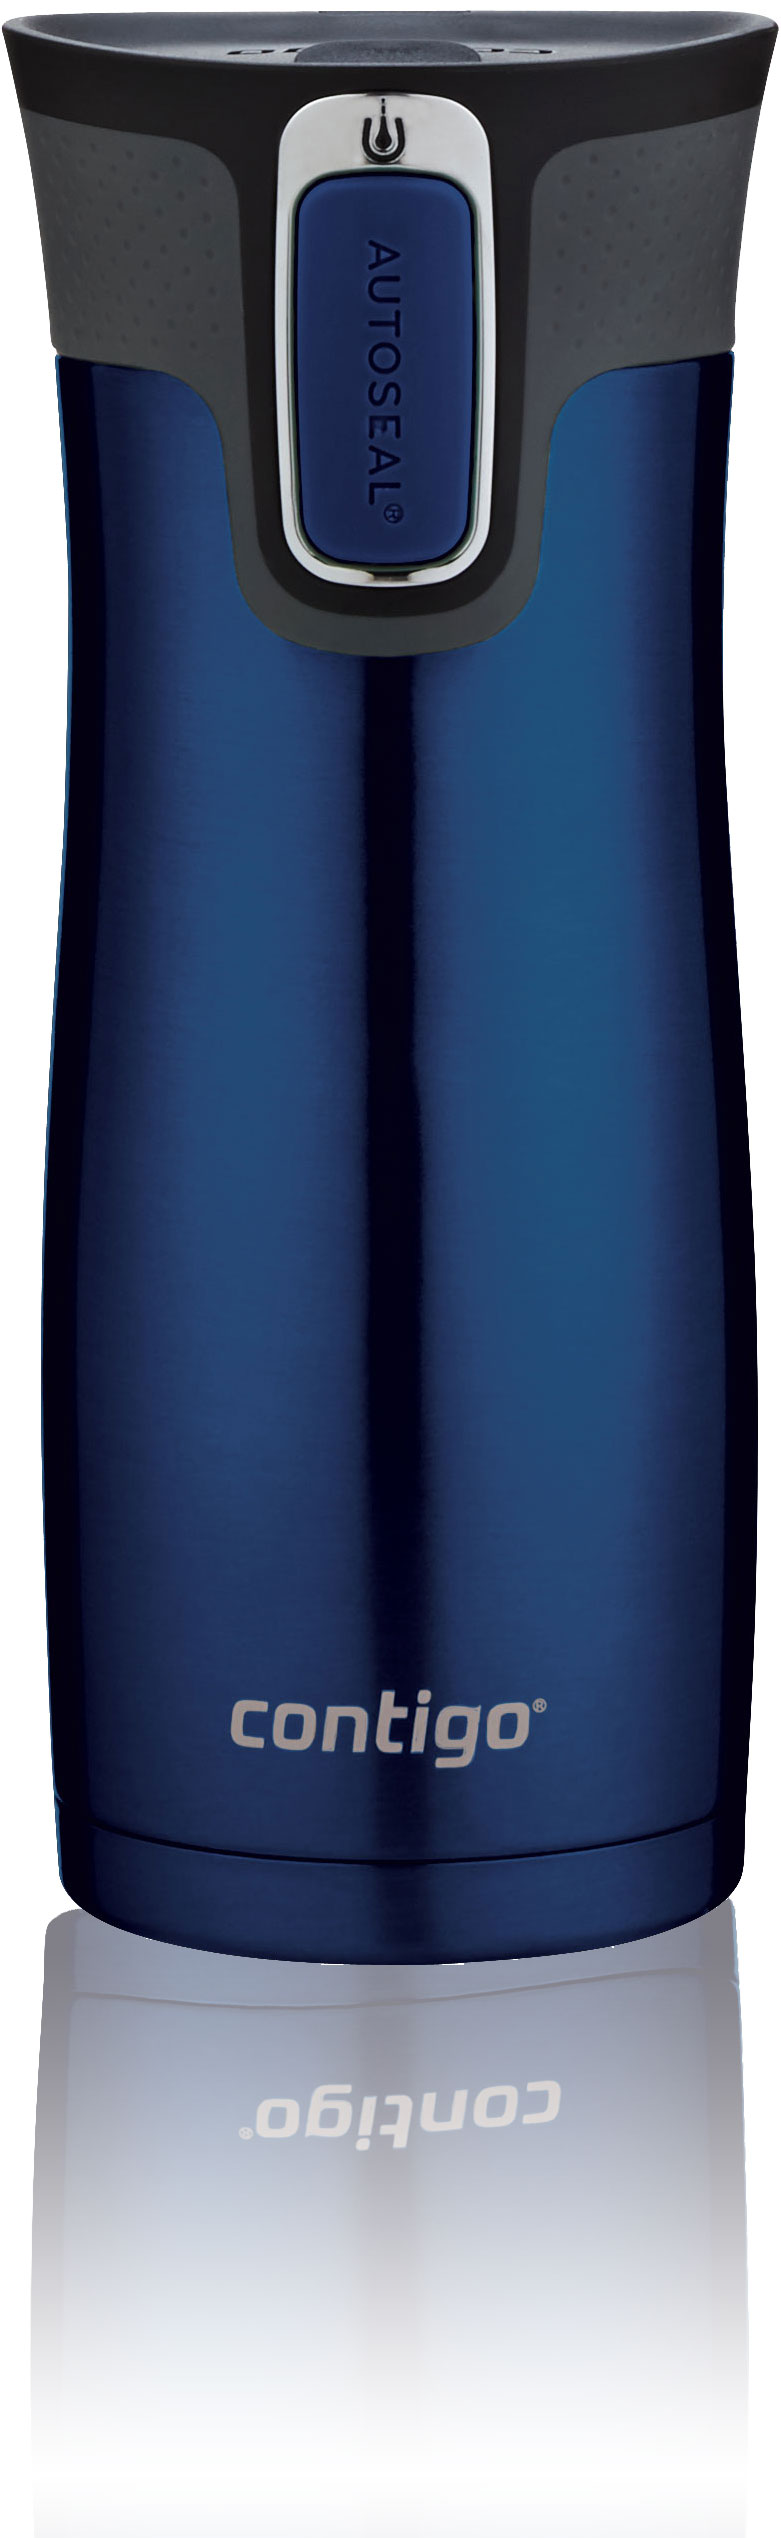 Contigo - WestLoop 2.0 - 16 Oz -Midnight Blue   SKU:70477